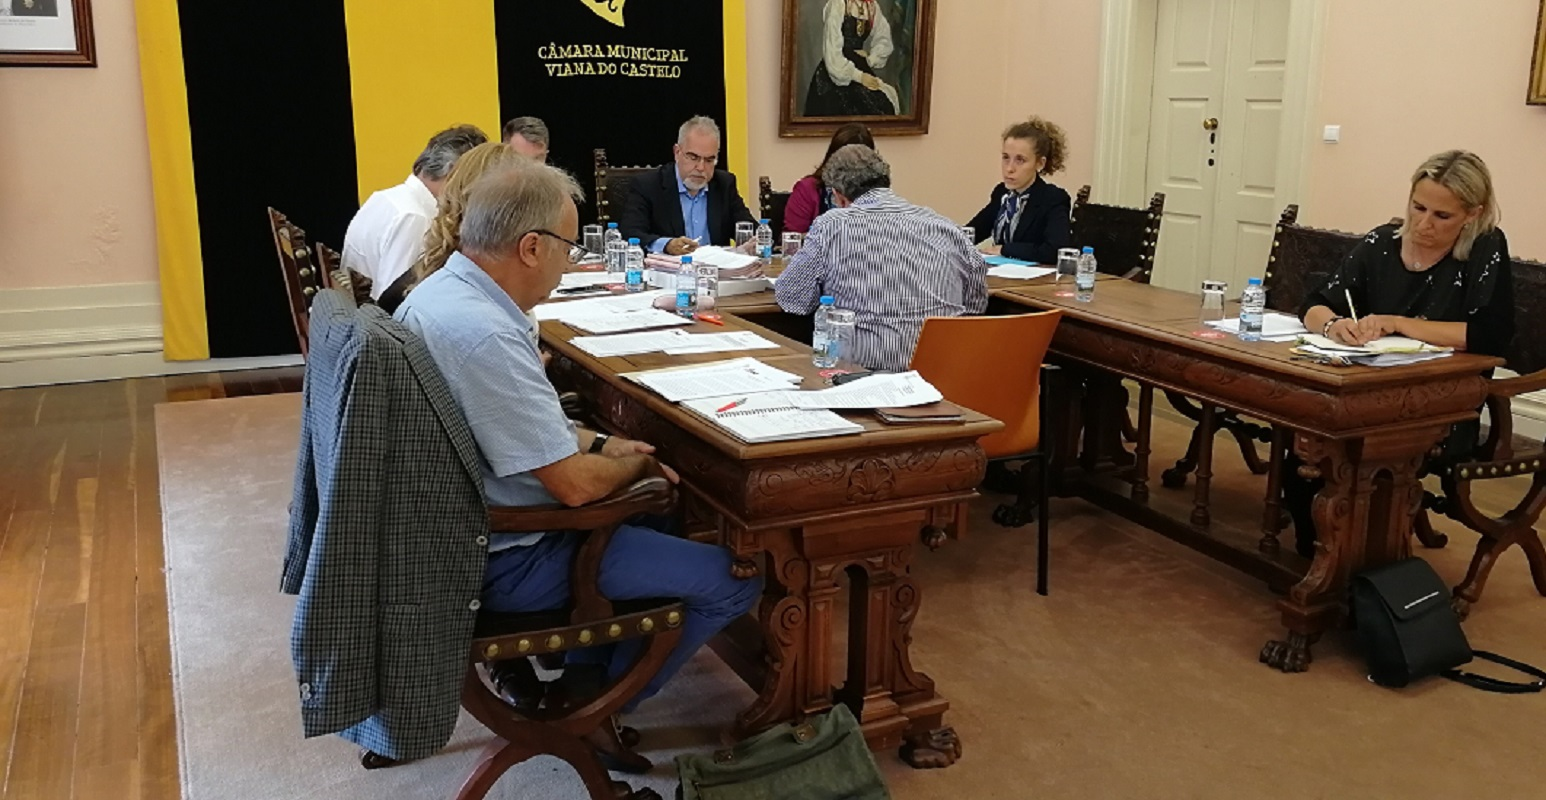 Câmara de Viana transfere de mais de 293 mil euros para Juntas de Freguesia garantirem apoios escolares